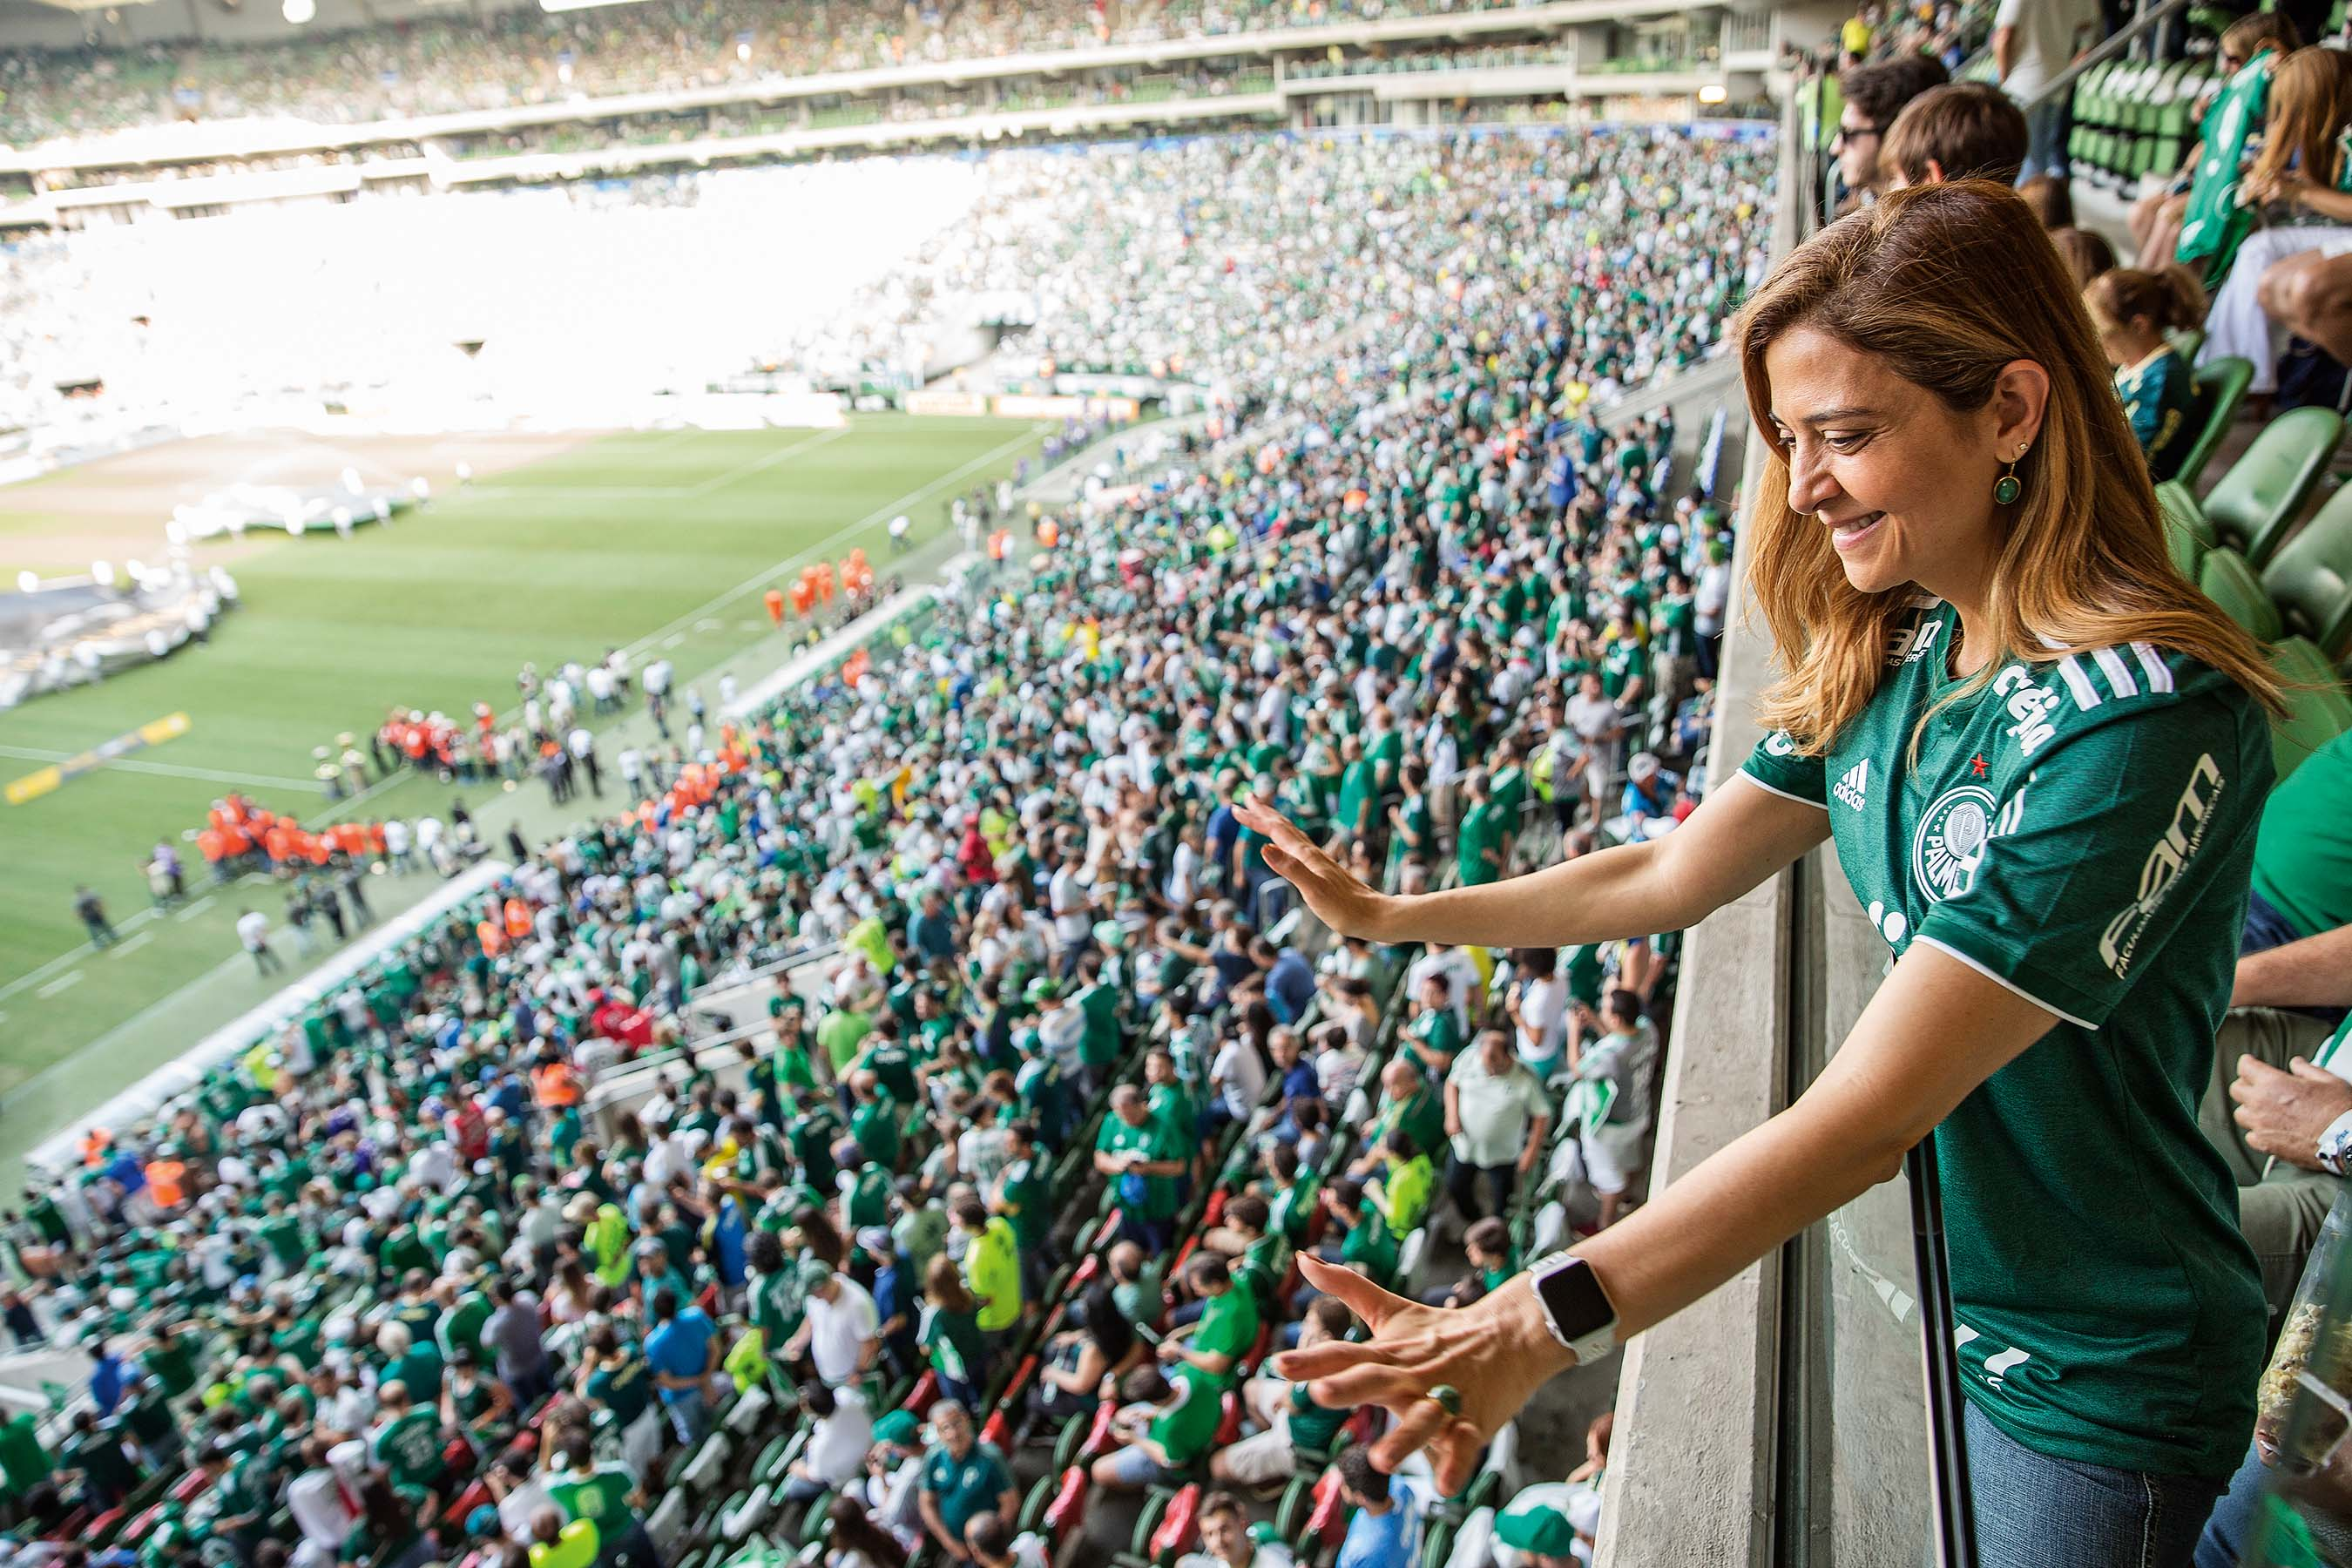 Pacote de reforços? Leila Pereira projeta seis contratações para o elenco do Palmeiras